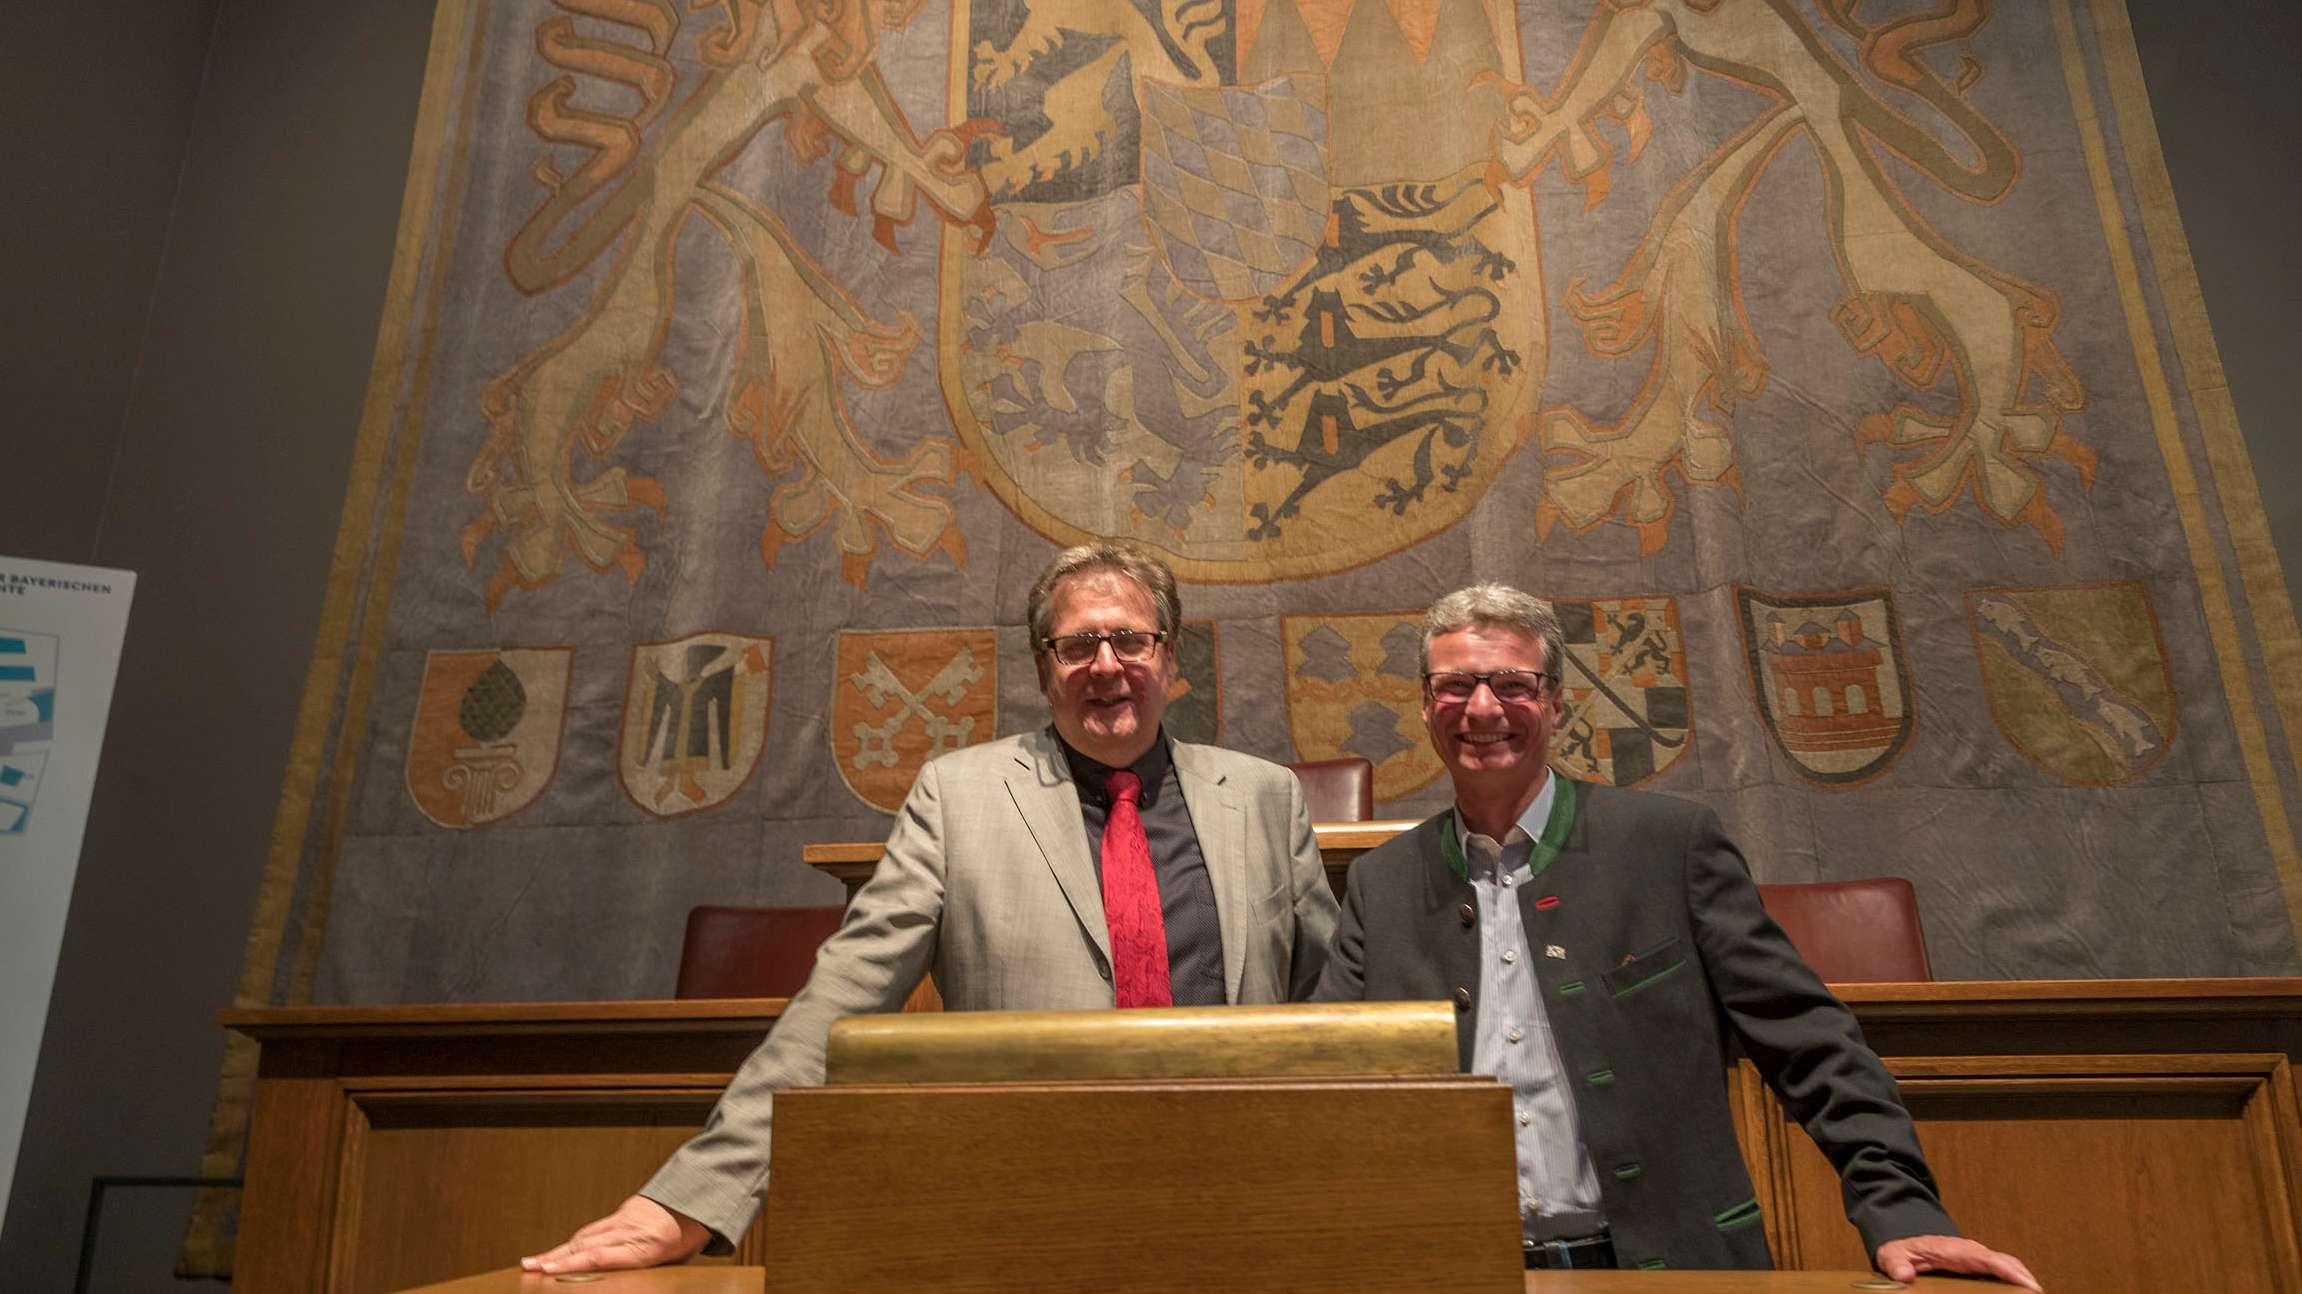 Richard Loibl, Direktor des Hauses der Bayerischen Geschichte, und Kunstminister Bernd Sibler vor dem früheren Landtagsteppich.